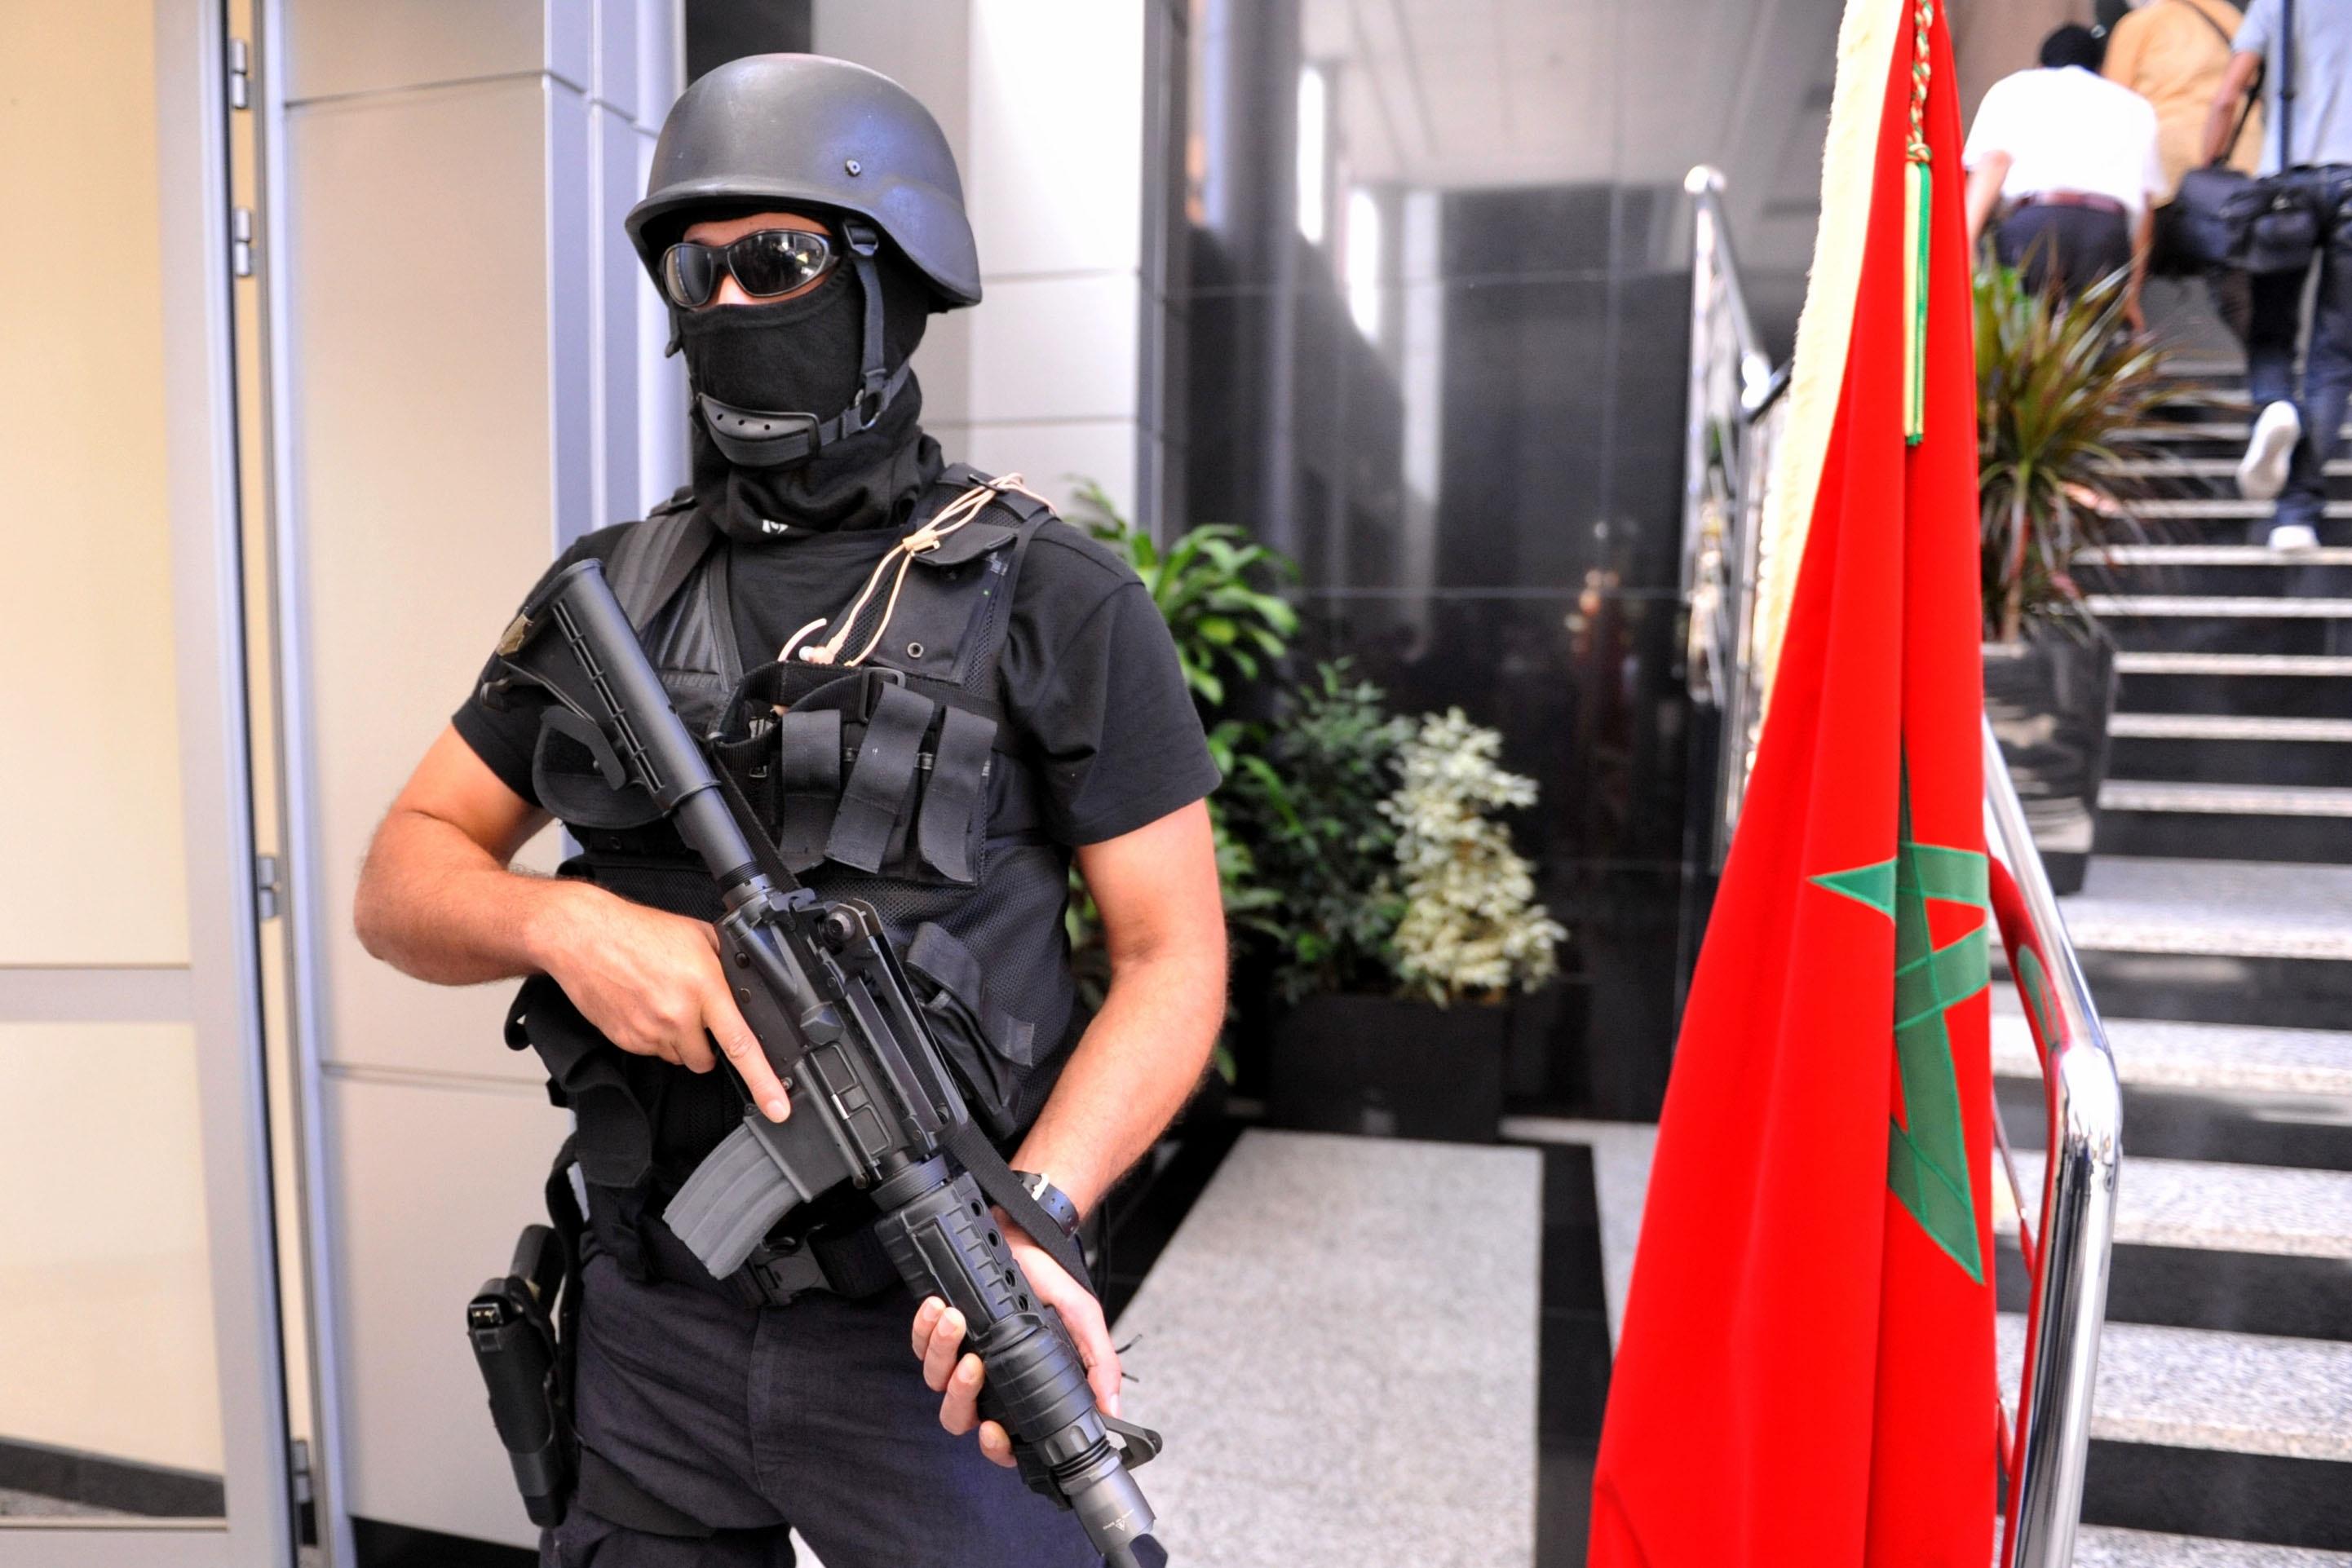 تفاصيل جديدة حول قضية المواطنين التركيين وشريكهما المغربي الموقوفين بوجدة